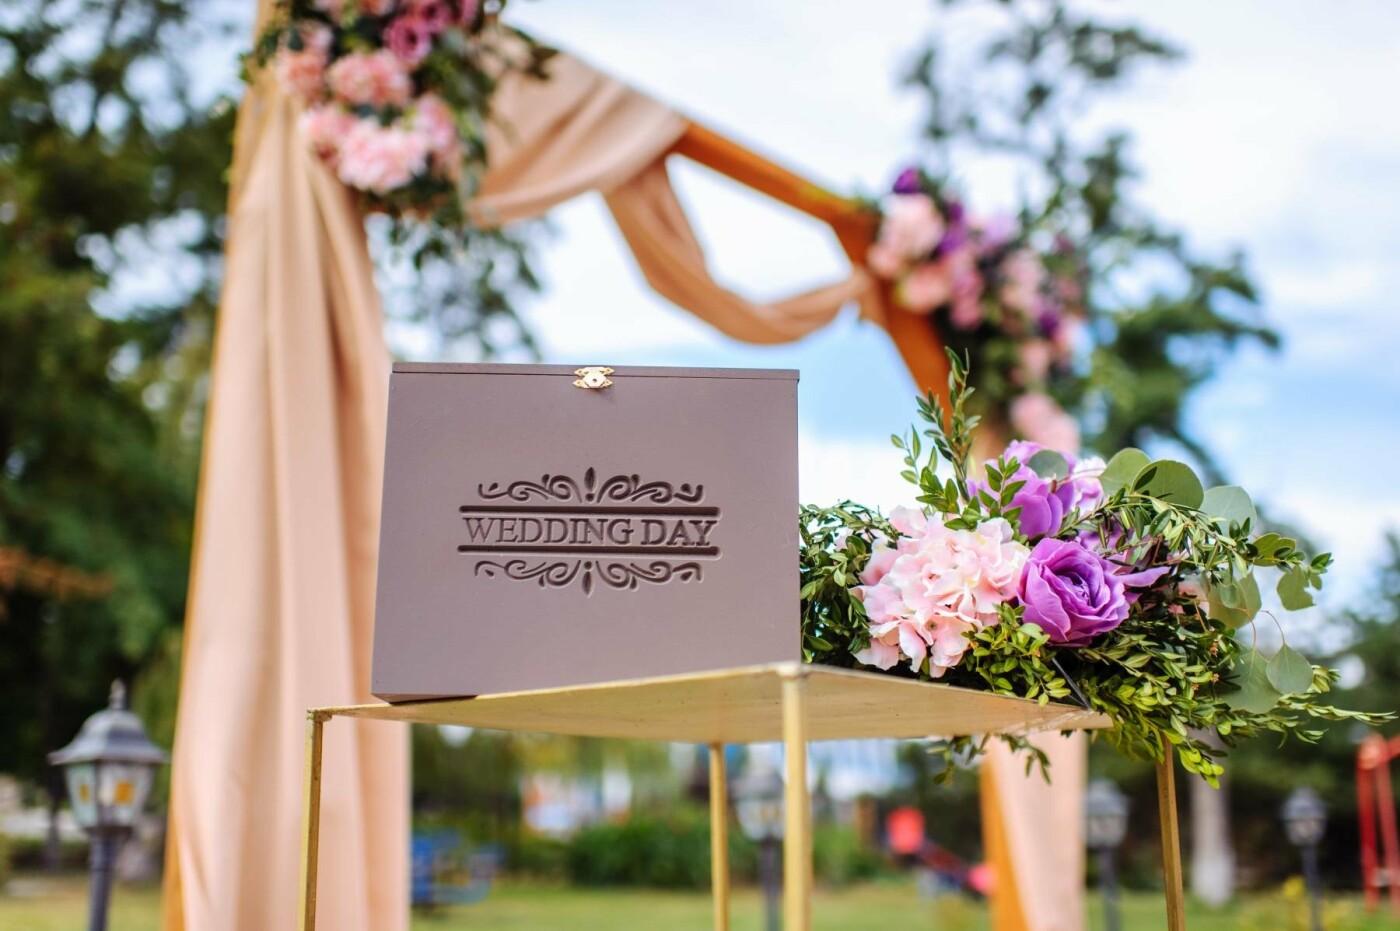 28 января в ресторане ВиМарко пройдет мастер-класс для невест от агентства Marry Me, фото-1